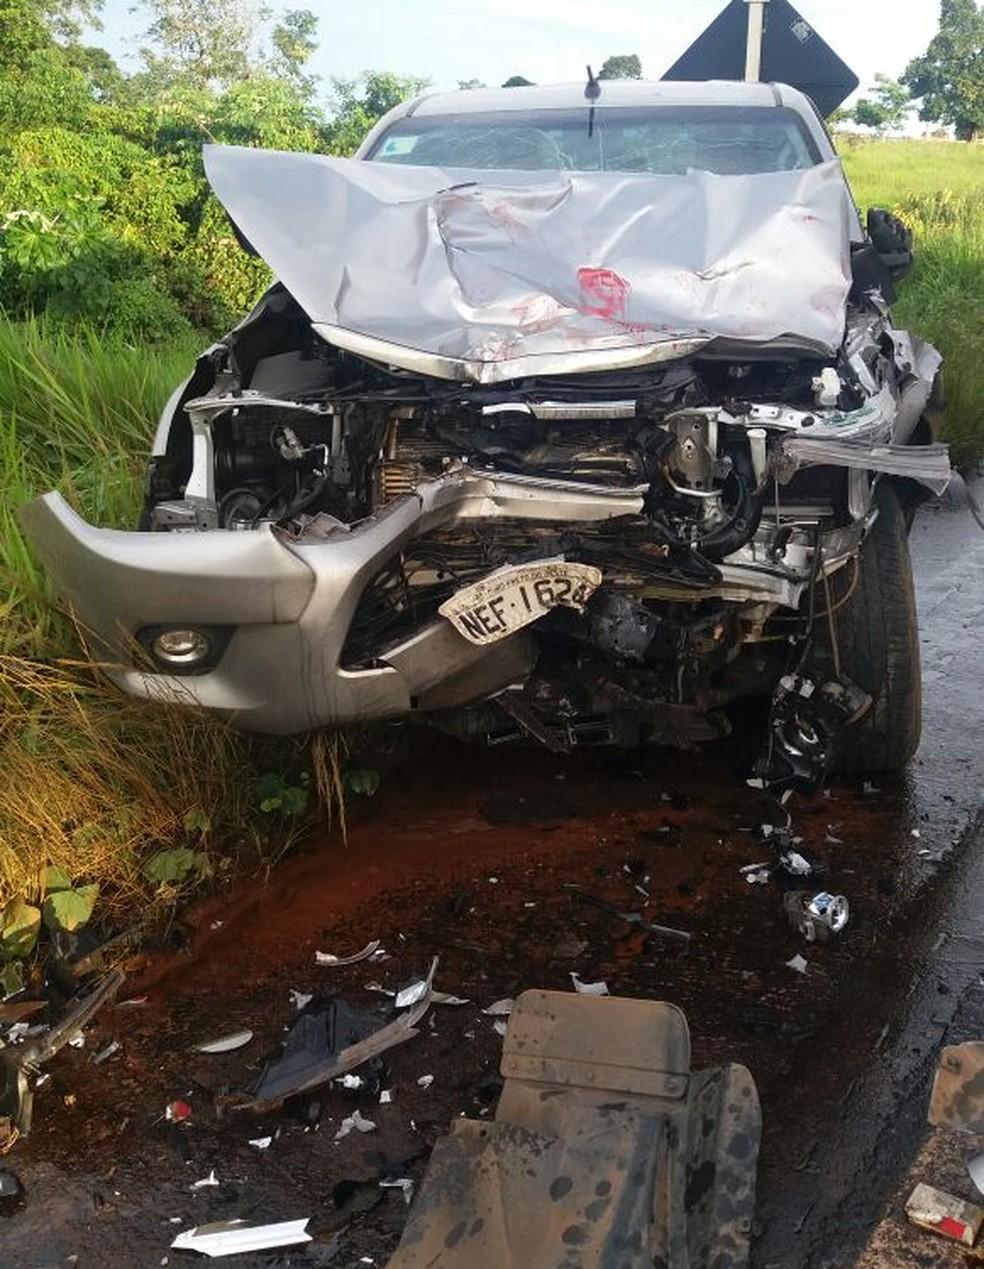 Caminhonete atingida por carreta ficou com a frente destruída (Foto: PRF/Divulgação)